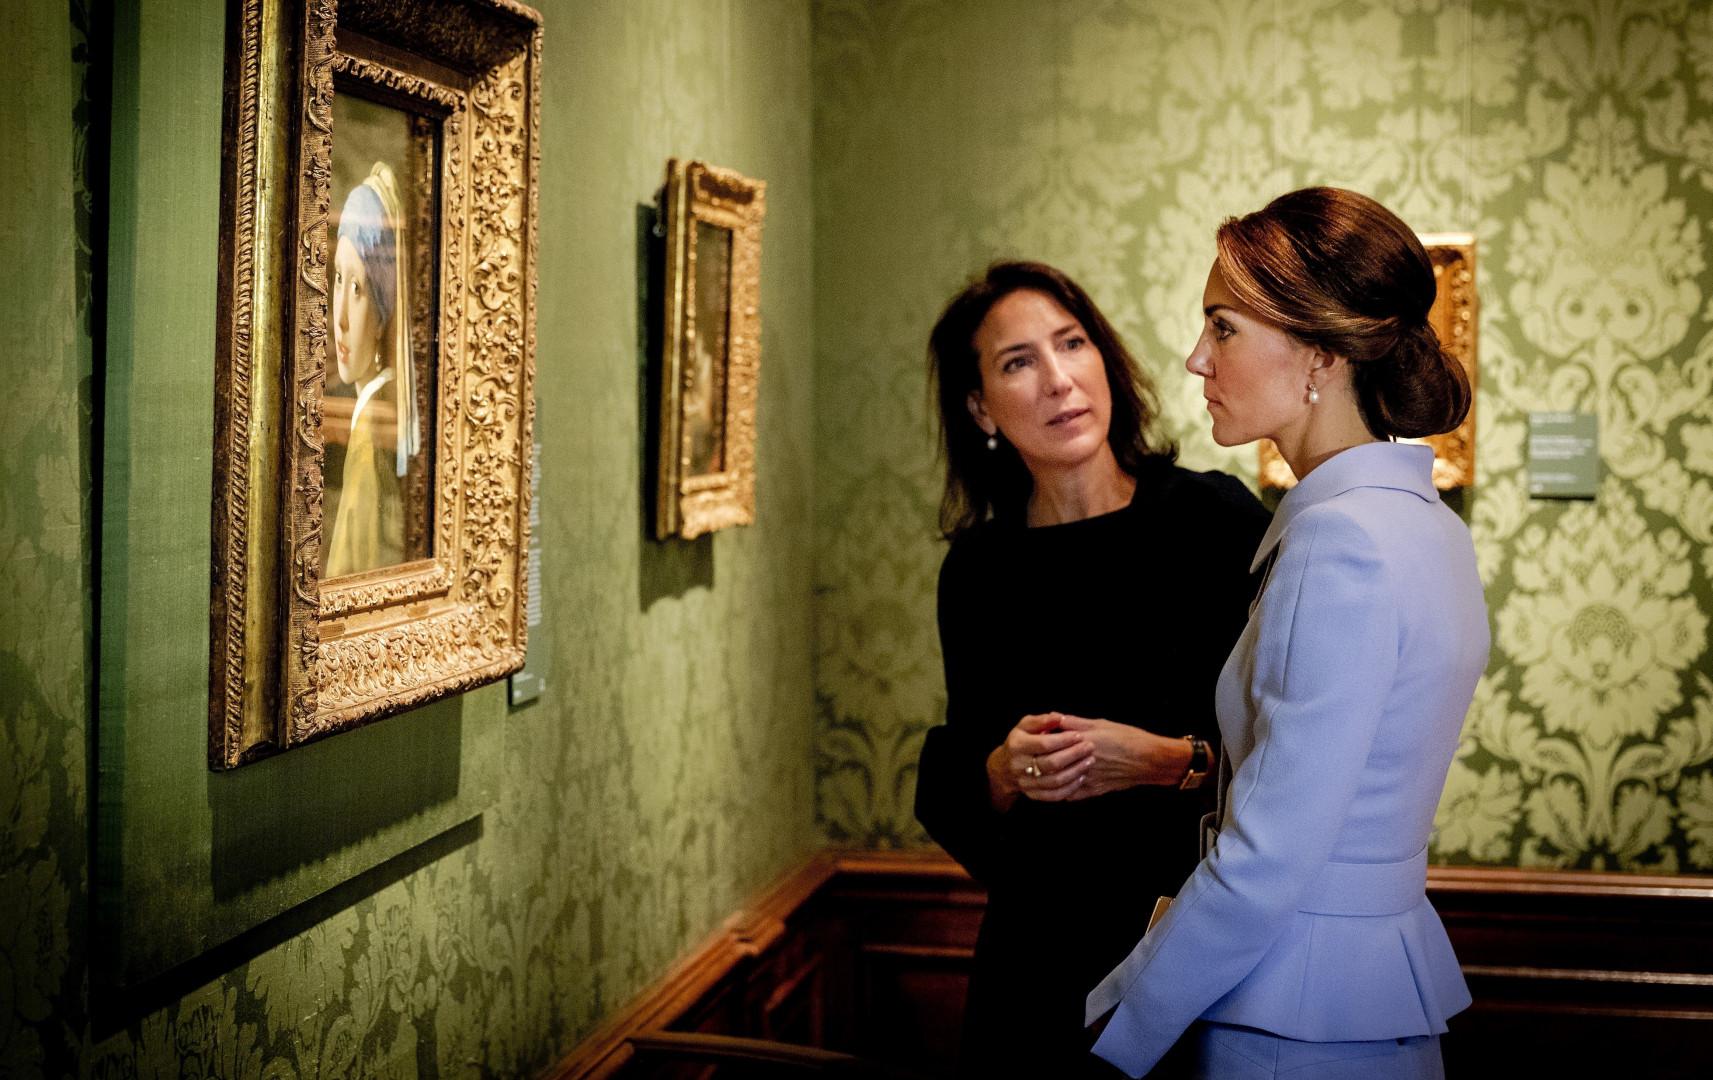 """La duchesse de Cambridge contemple le chef d'oeuvre de Vermeer """"La jeune fille à la perle"""" à La Haye"""